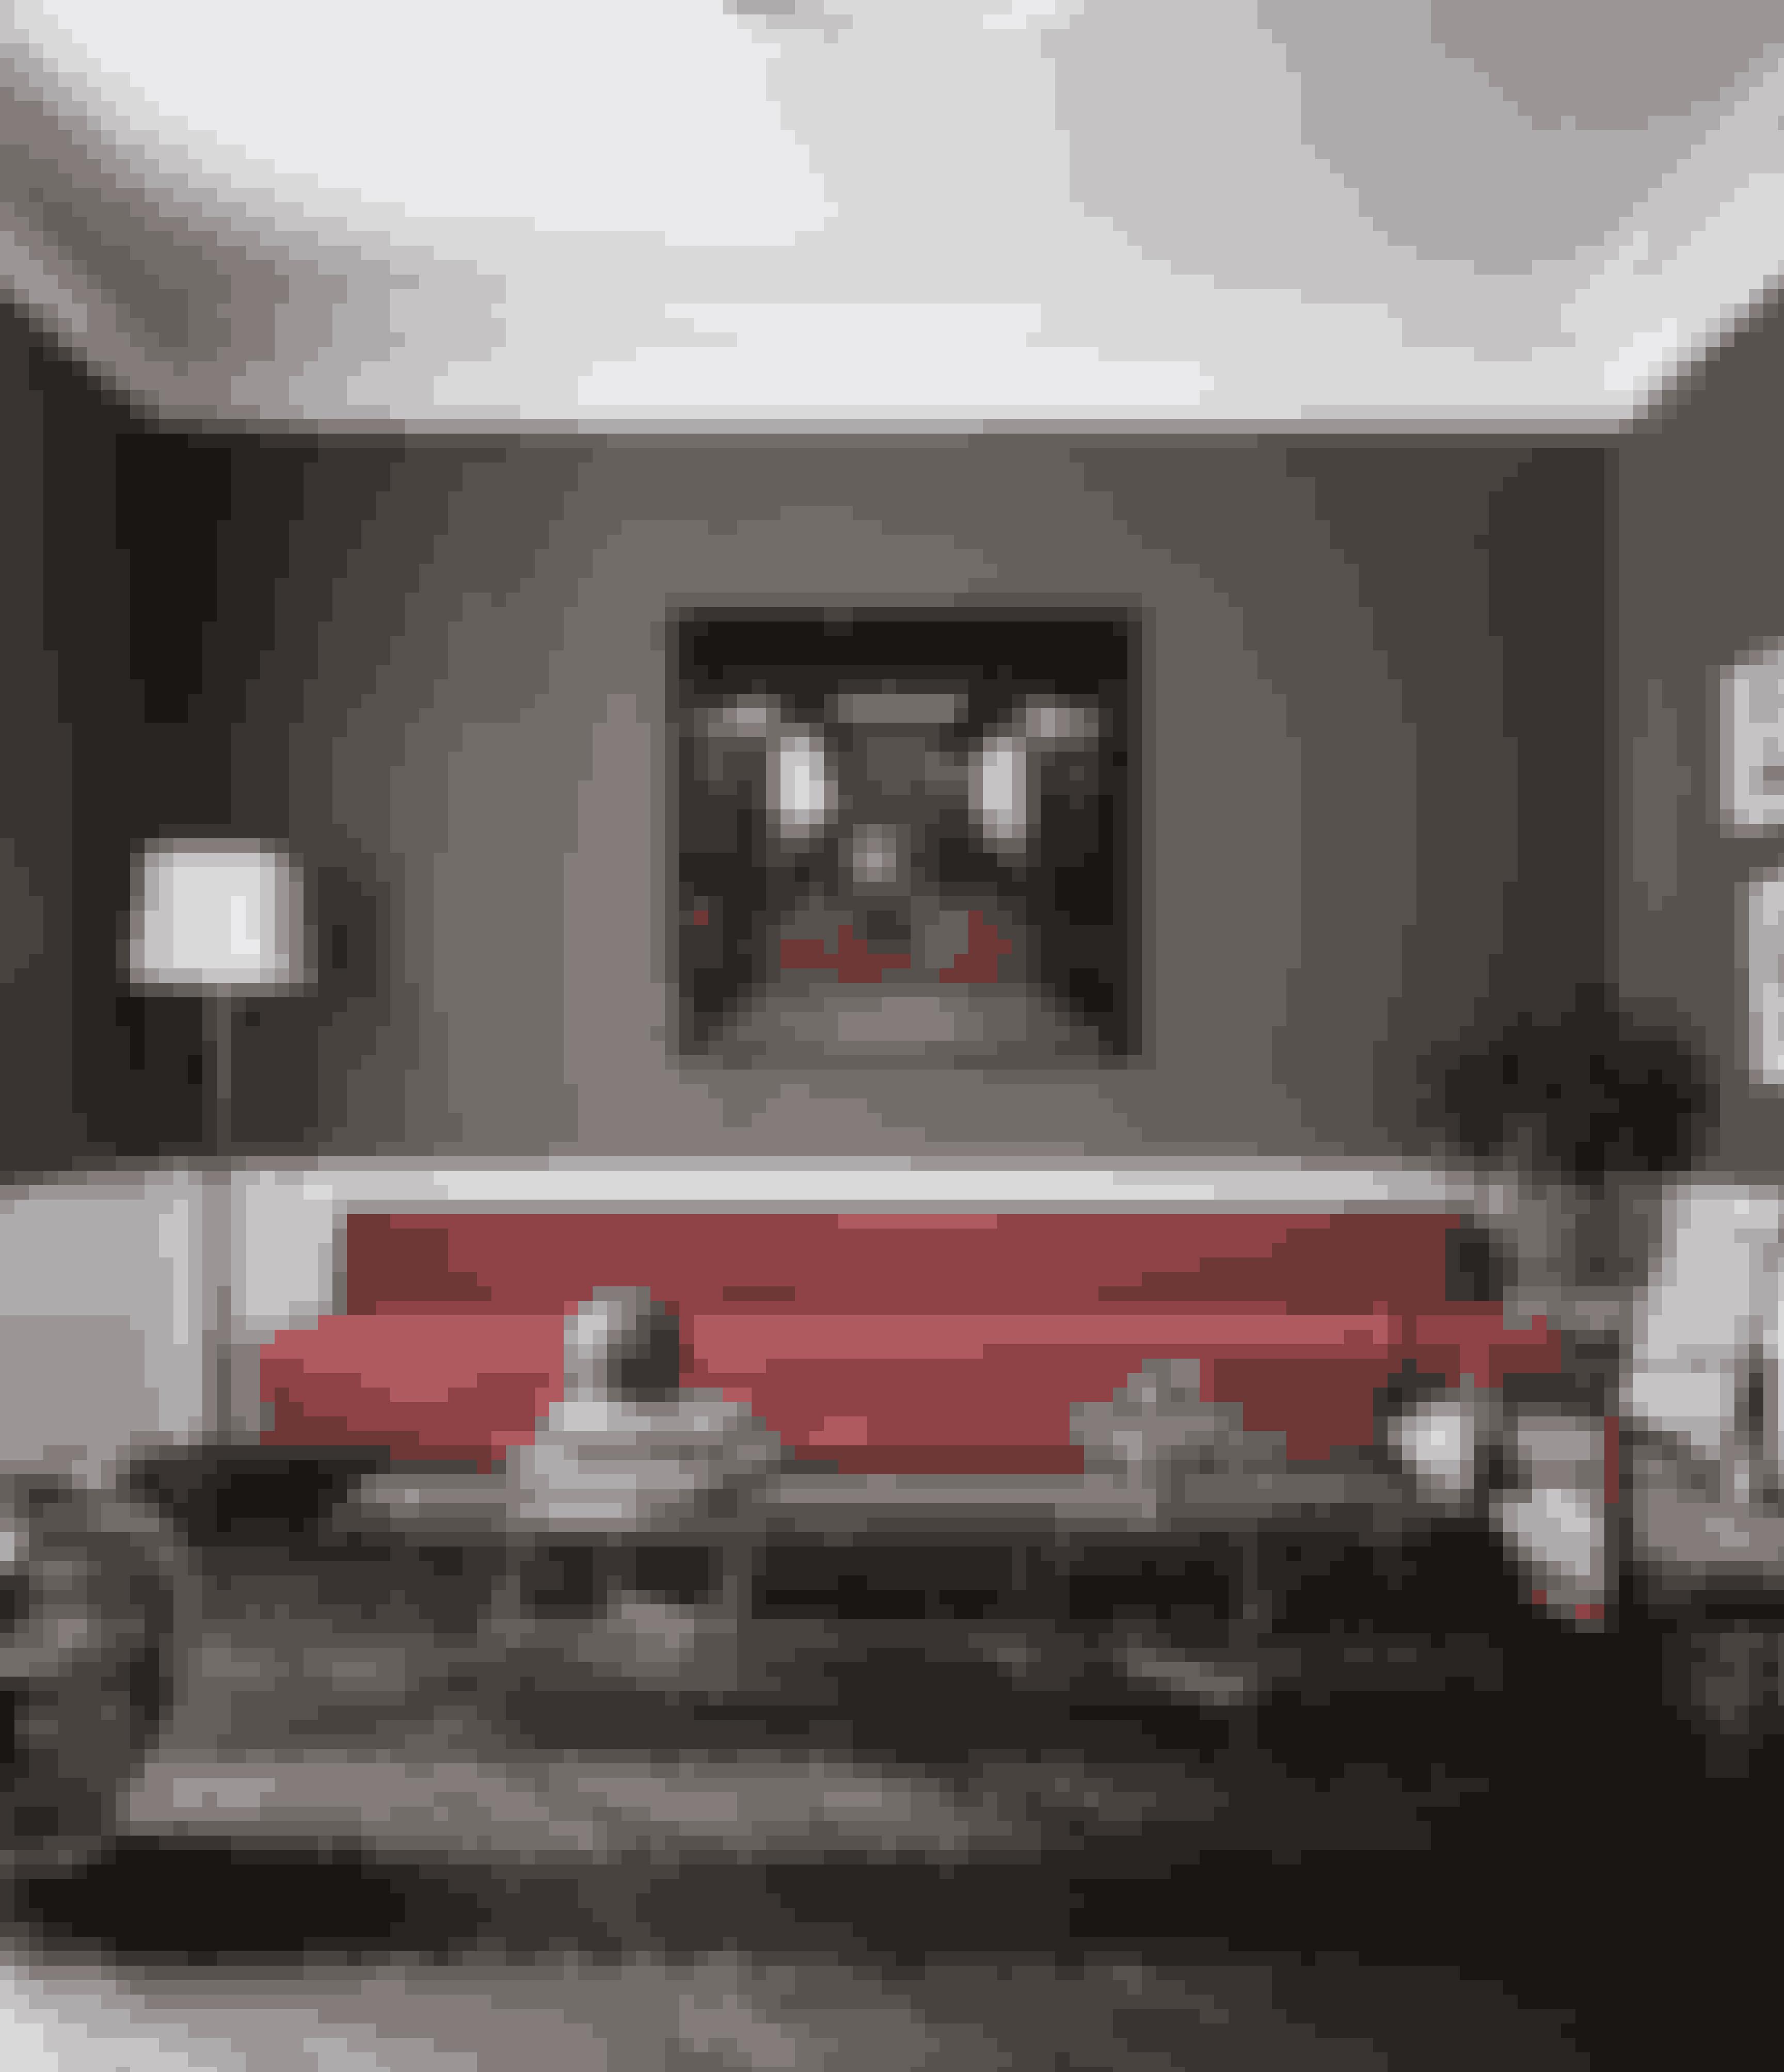 Mørke vægge giver en kontrastfuld ramme og fremhæver panelerne. Ved at vælge en meget lang sofa understreger du den klassiske indretning. Den tre meter lange sofa Modern Line er af Gretha Grossman hos Gubi. Maleriet er af Niels Corfitzen fra Galleri Oxholm, glasbord er fra Gallotti & Radice, Kaare Klints safaristole er købt på en auktion, og de fleksible lysestager er Nagel-stager.